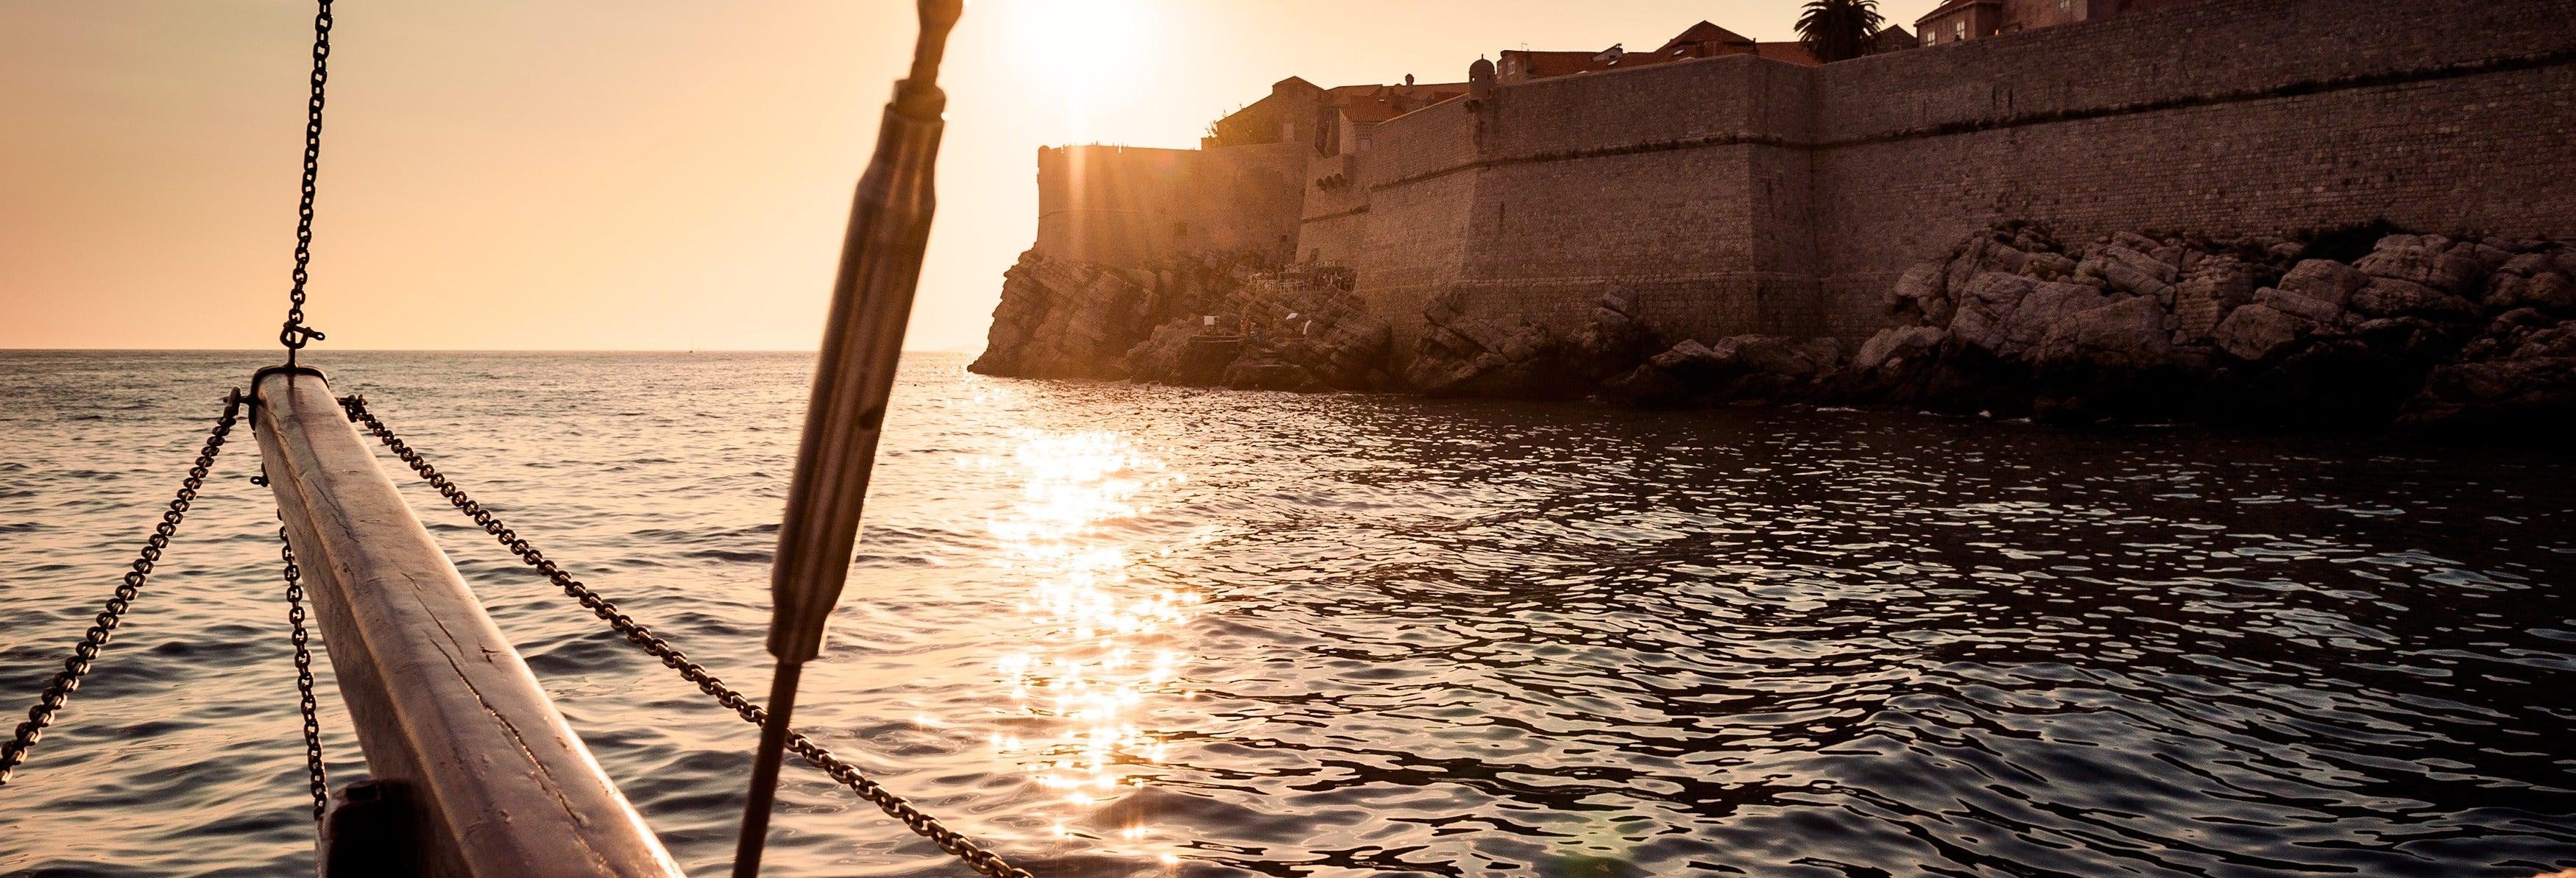 Cruzeiro com jantar por Dubrovnik